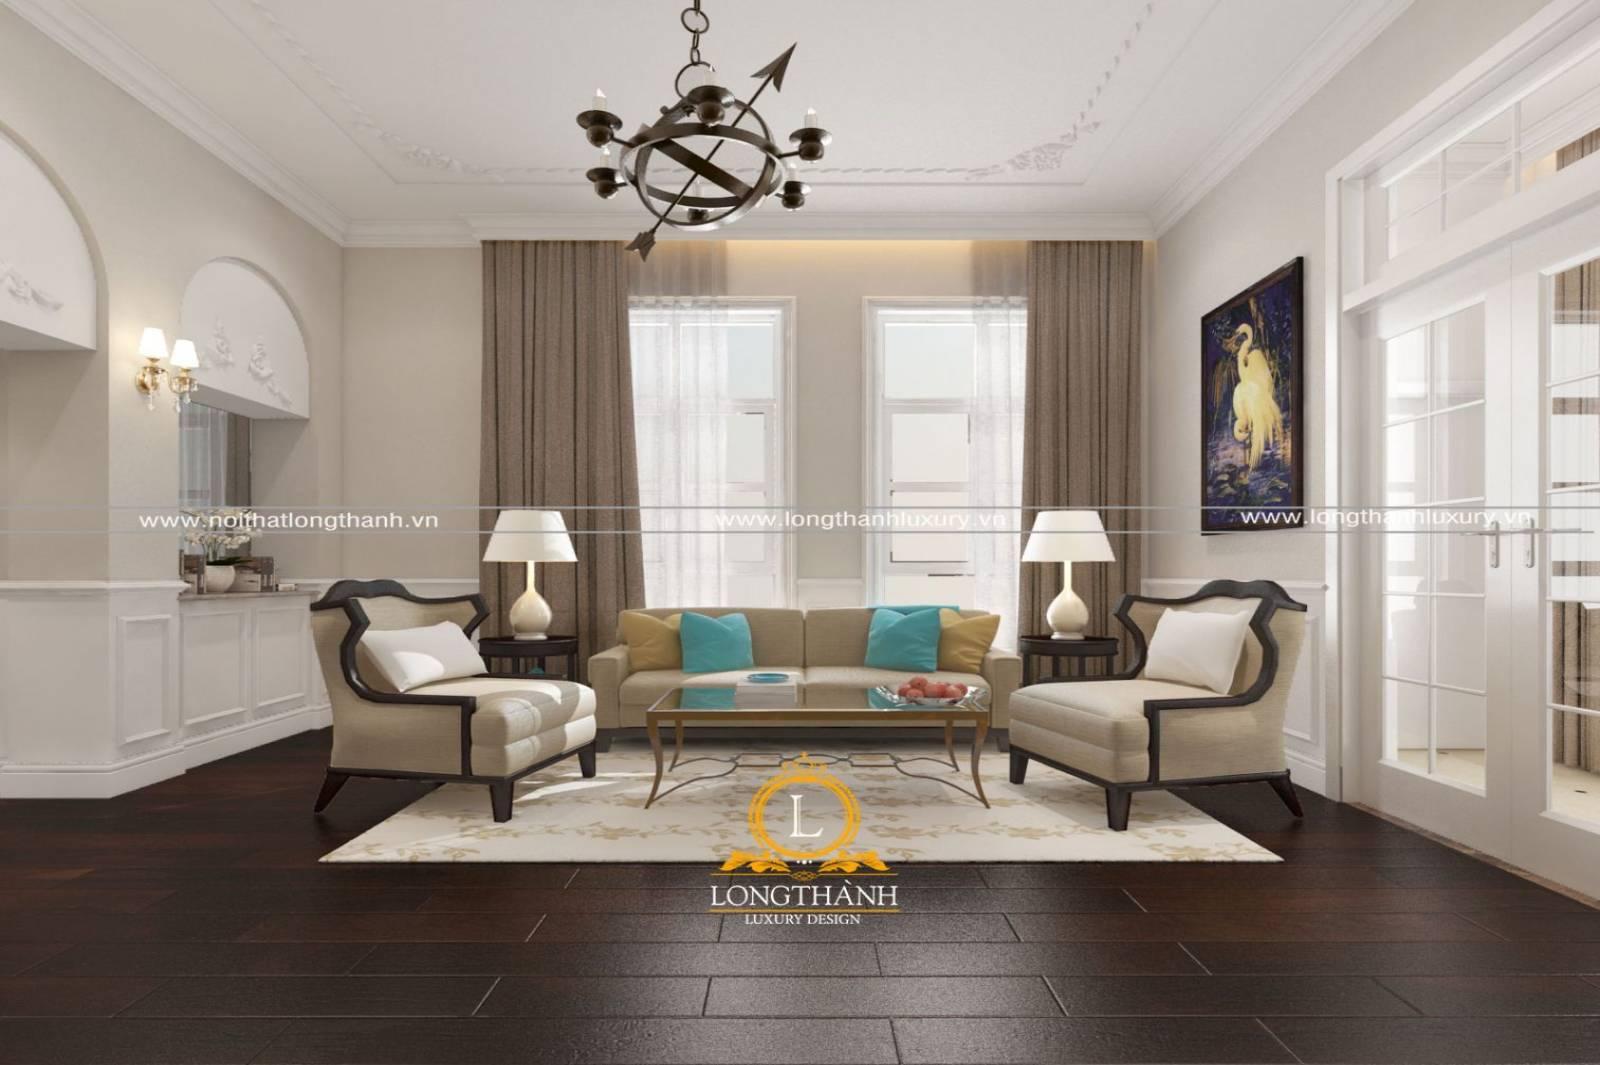 Mẫu sofa chữ u nhỏ phong cách hiện đại cho nhà chung cư